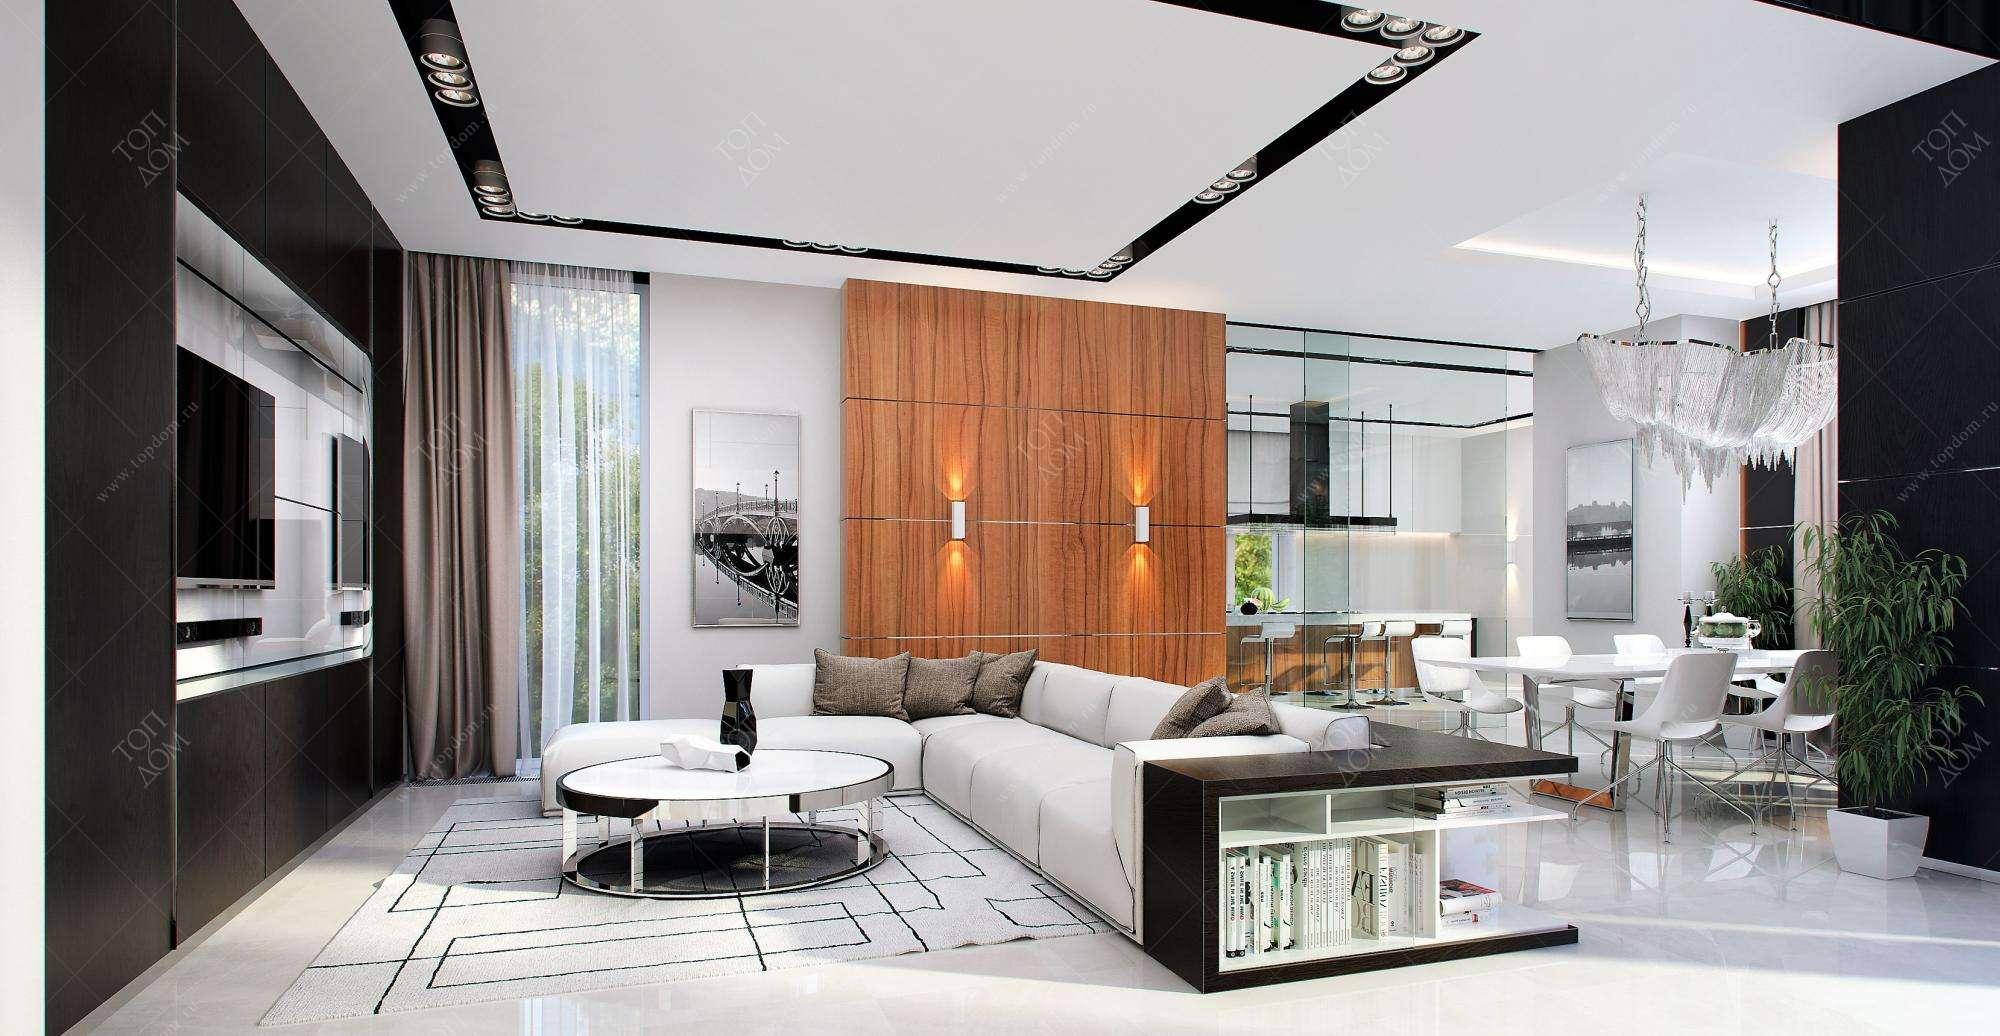 Интерьеры квартир в современном стиле - 136 фото | 2020 - 2021 год